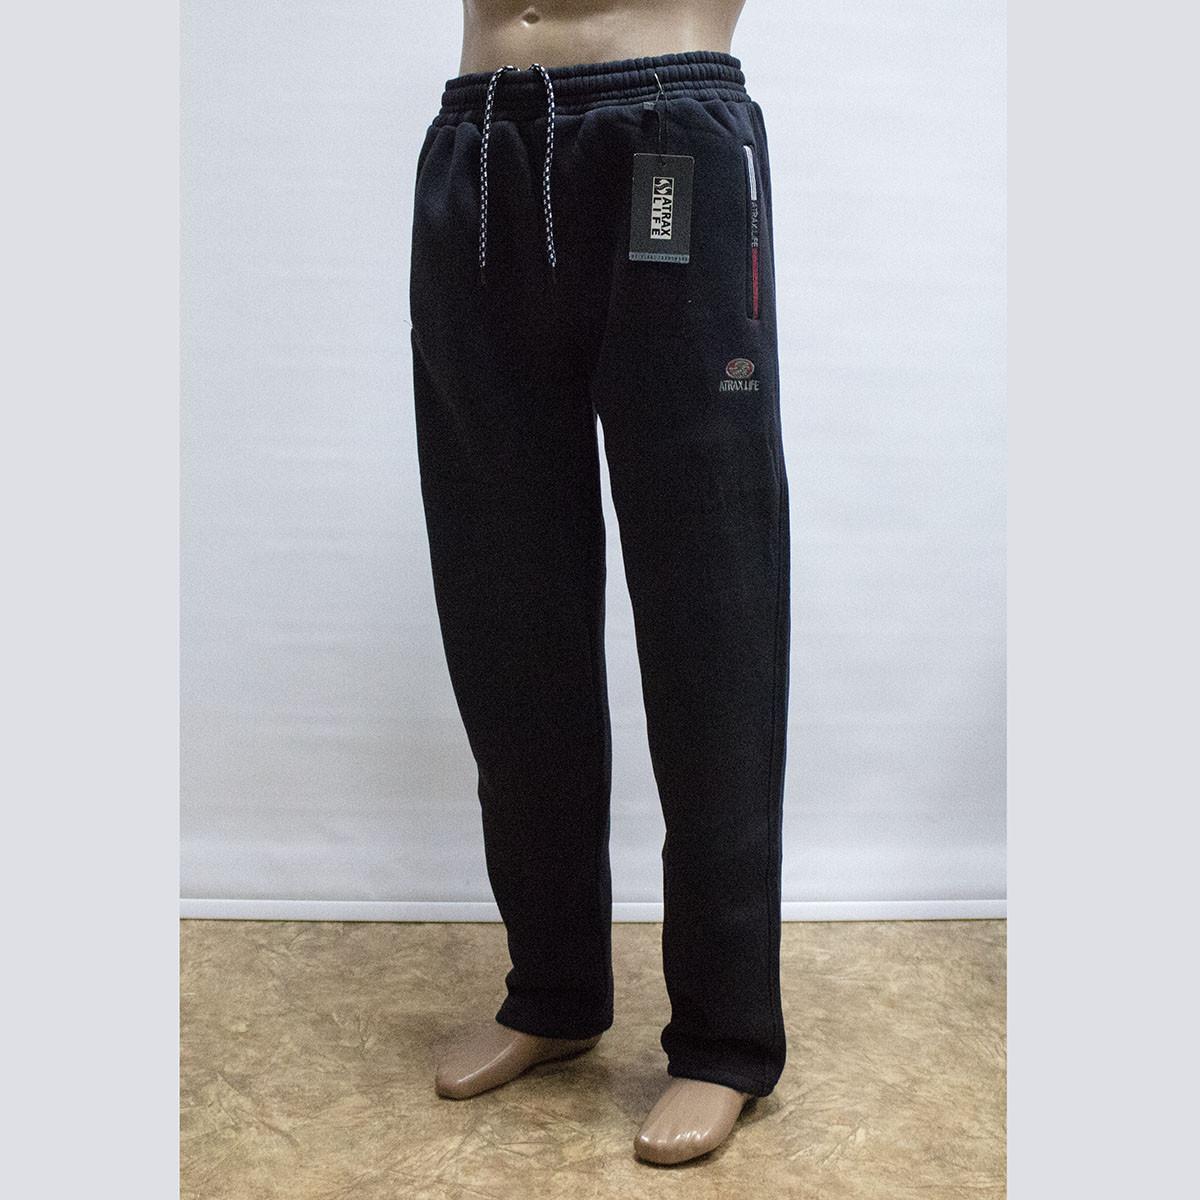 Мужские теплые спортивные штаны трехнитка пр-во Турция 1301